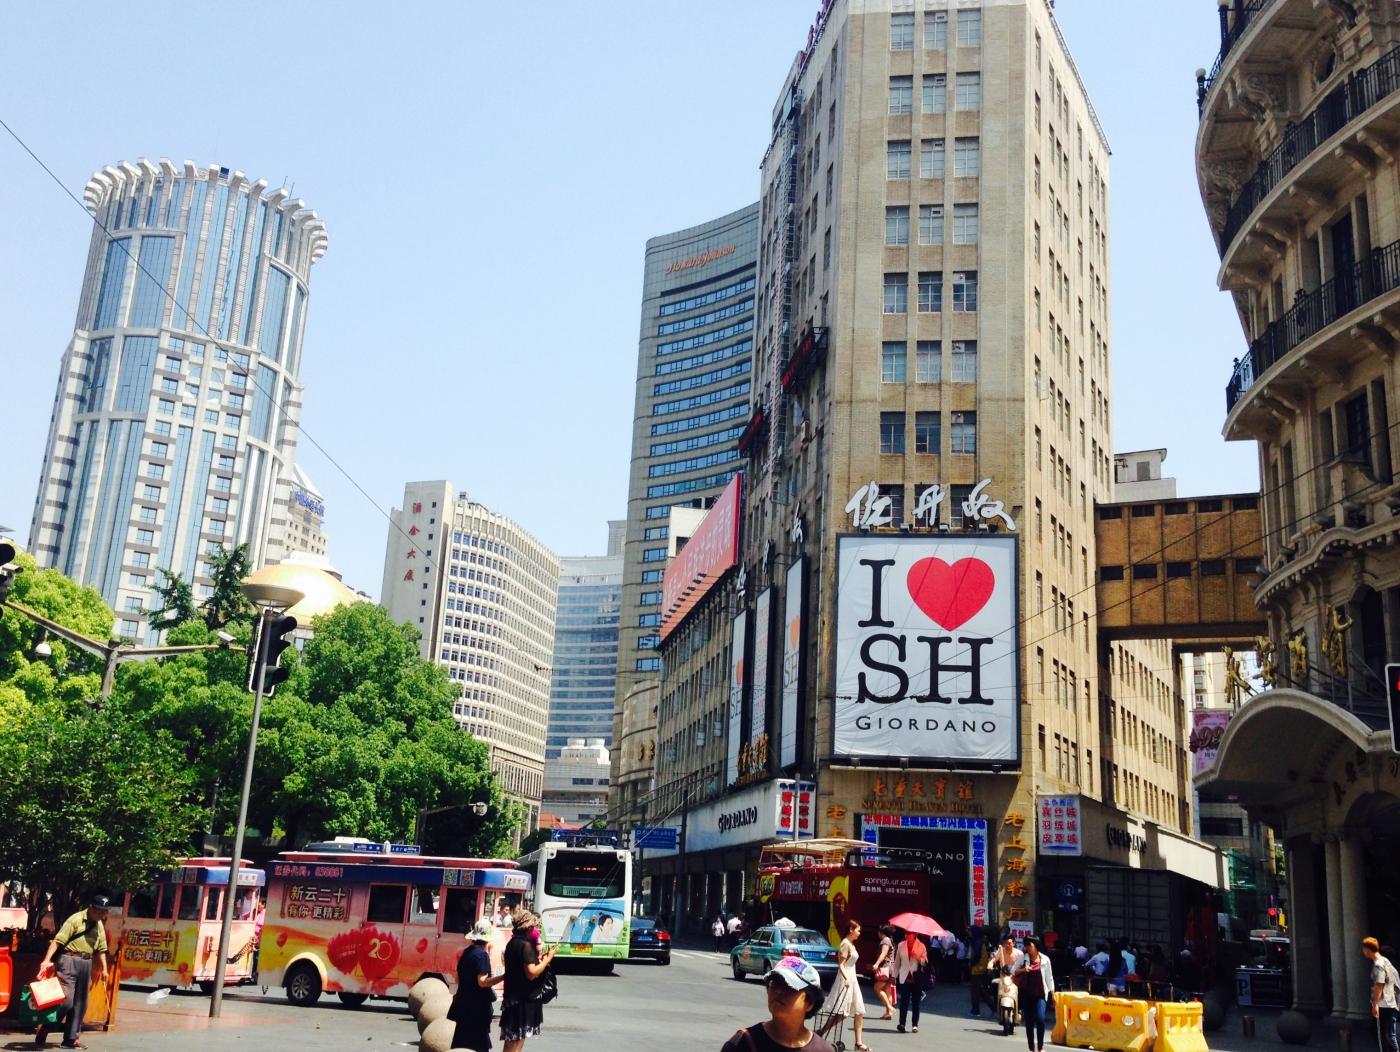 闲逛上海看街景_图1-13